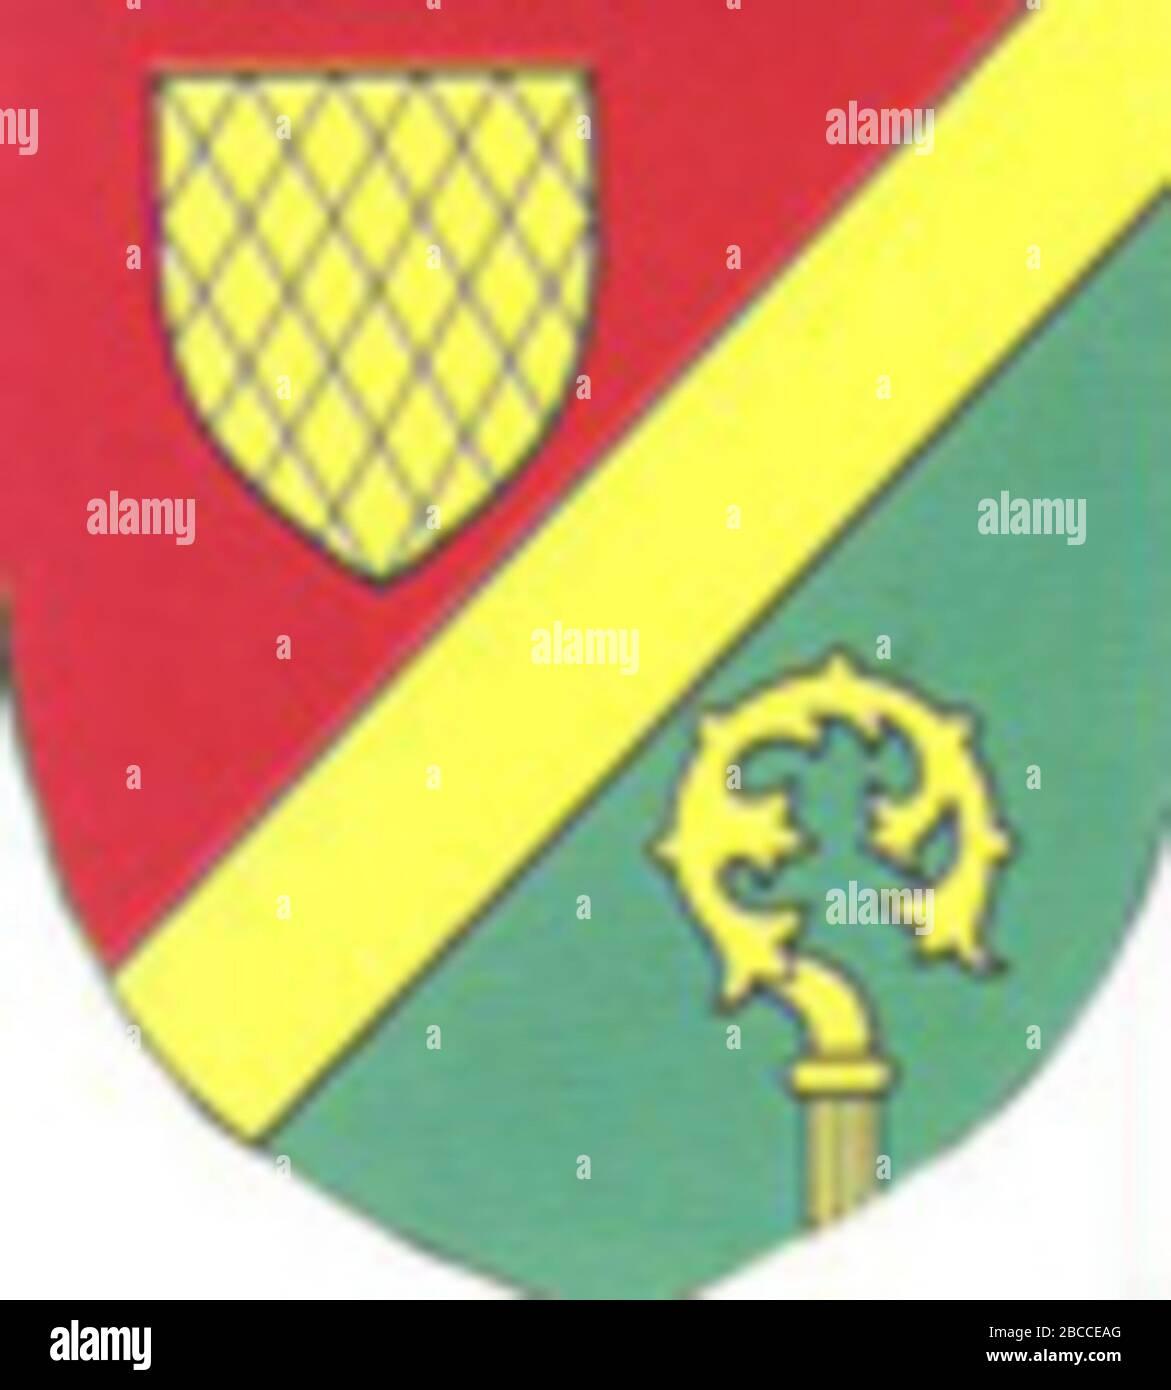 Kontaktanzeigen Gtzendorf an der Leitha | Locanto Dating